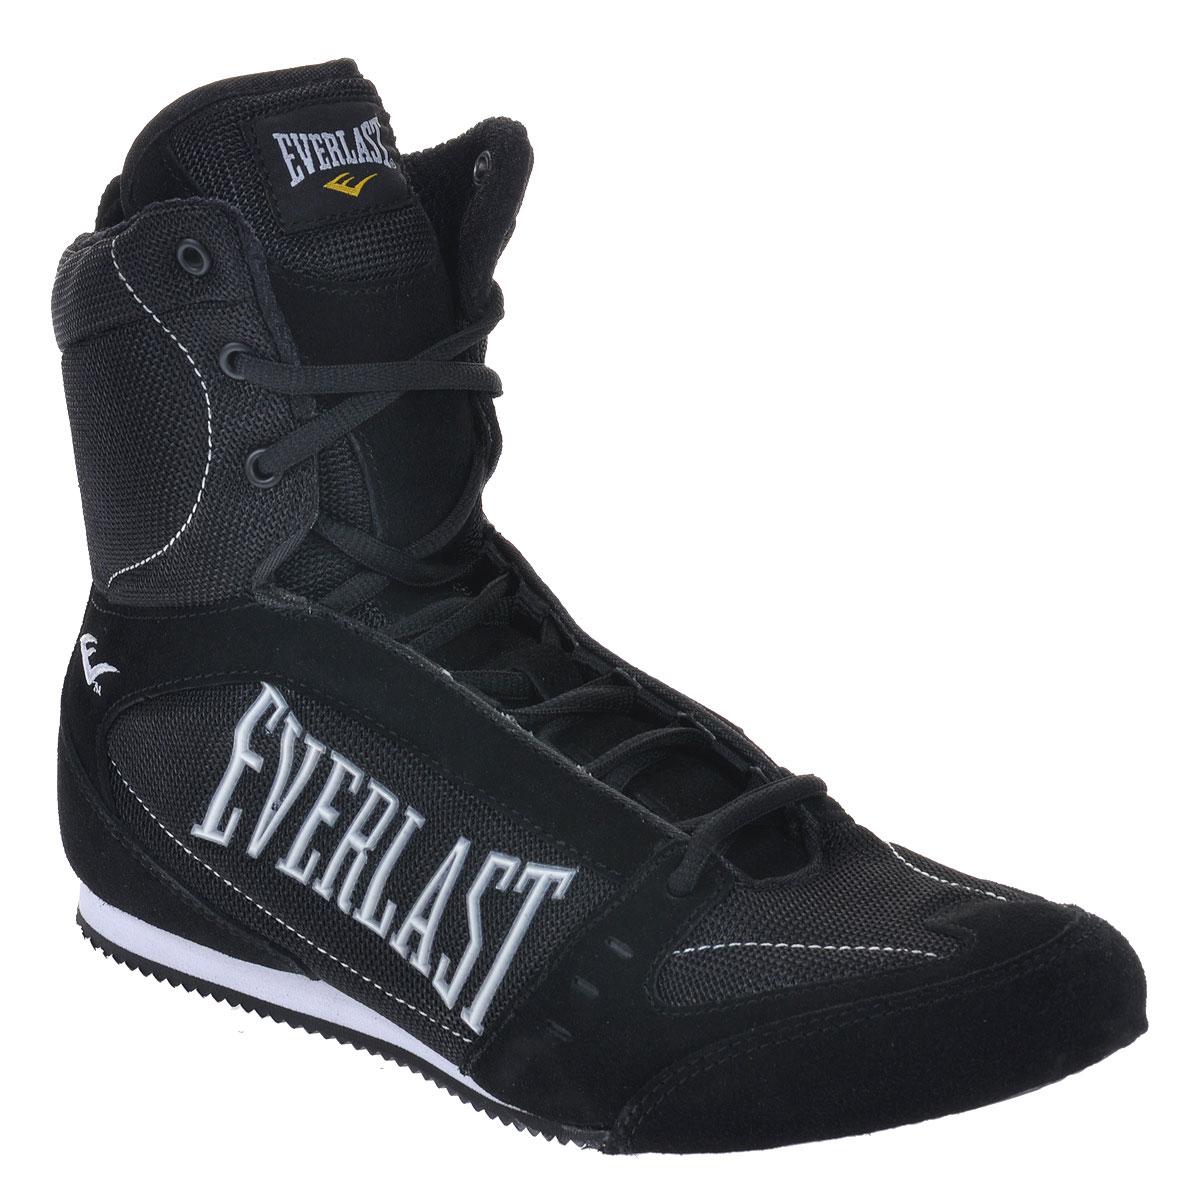 Боксерки Everlast High-Top Competition, размер 7 (RUS 39,5), цвет: черный. 527 7 BK - Единоборства